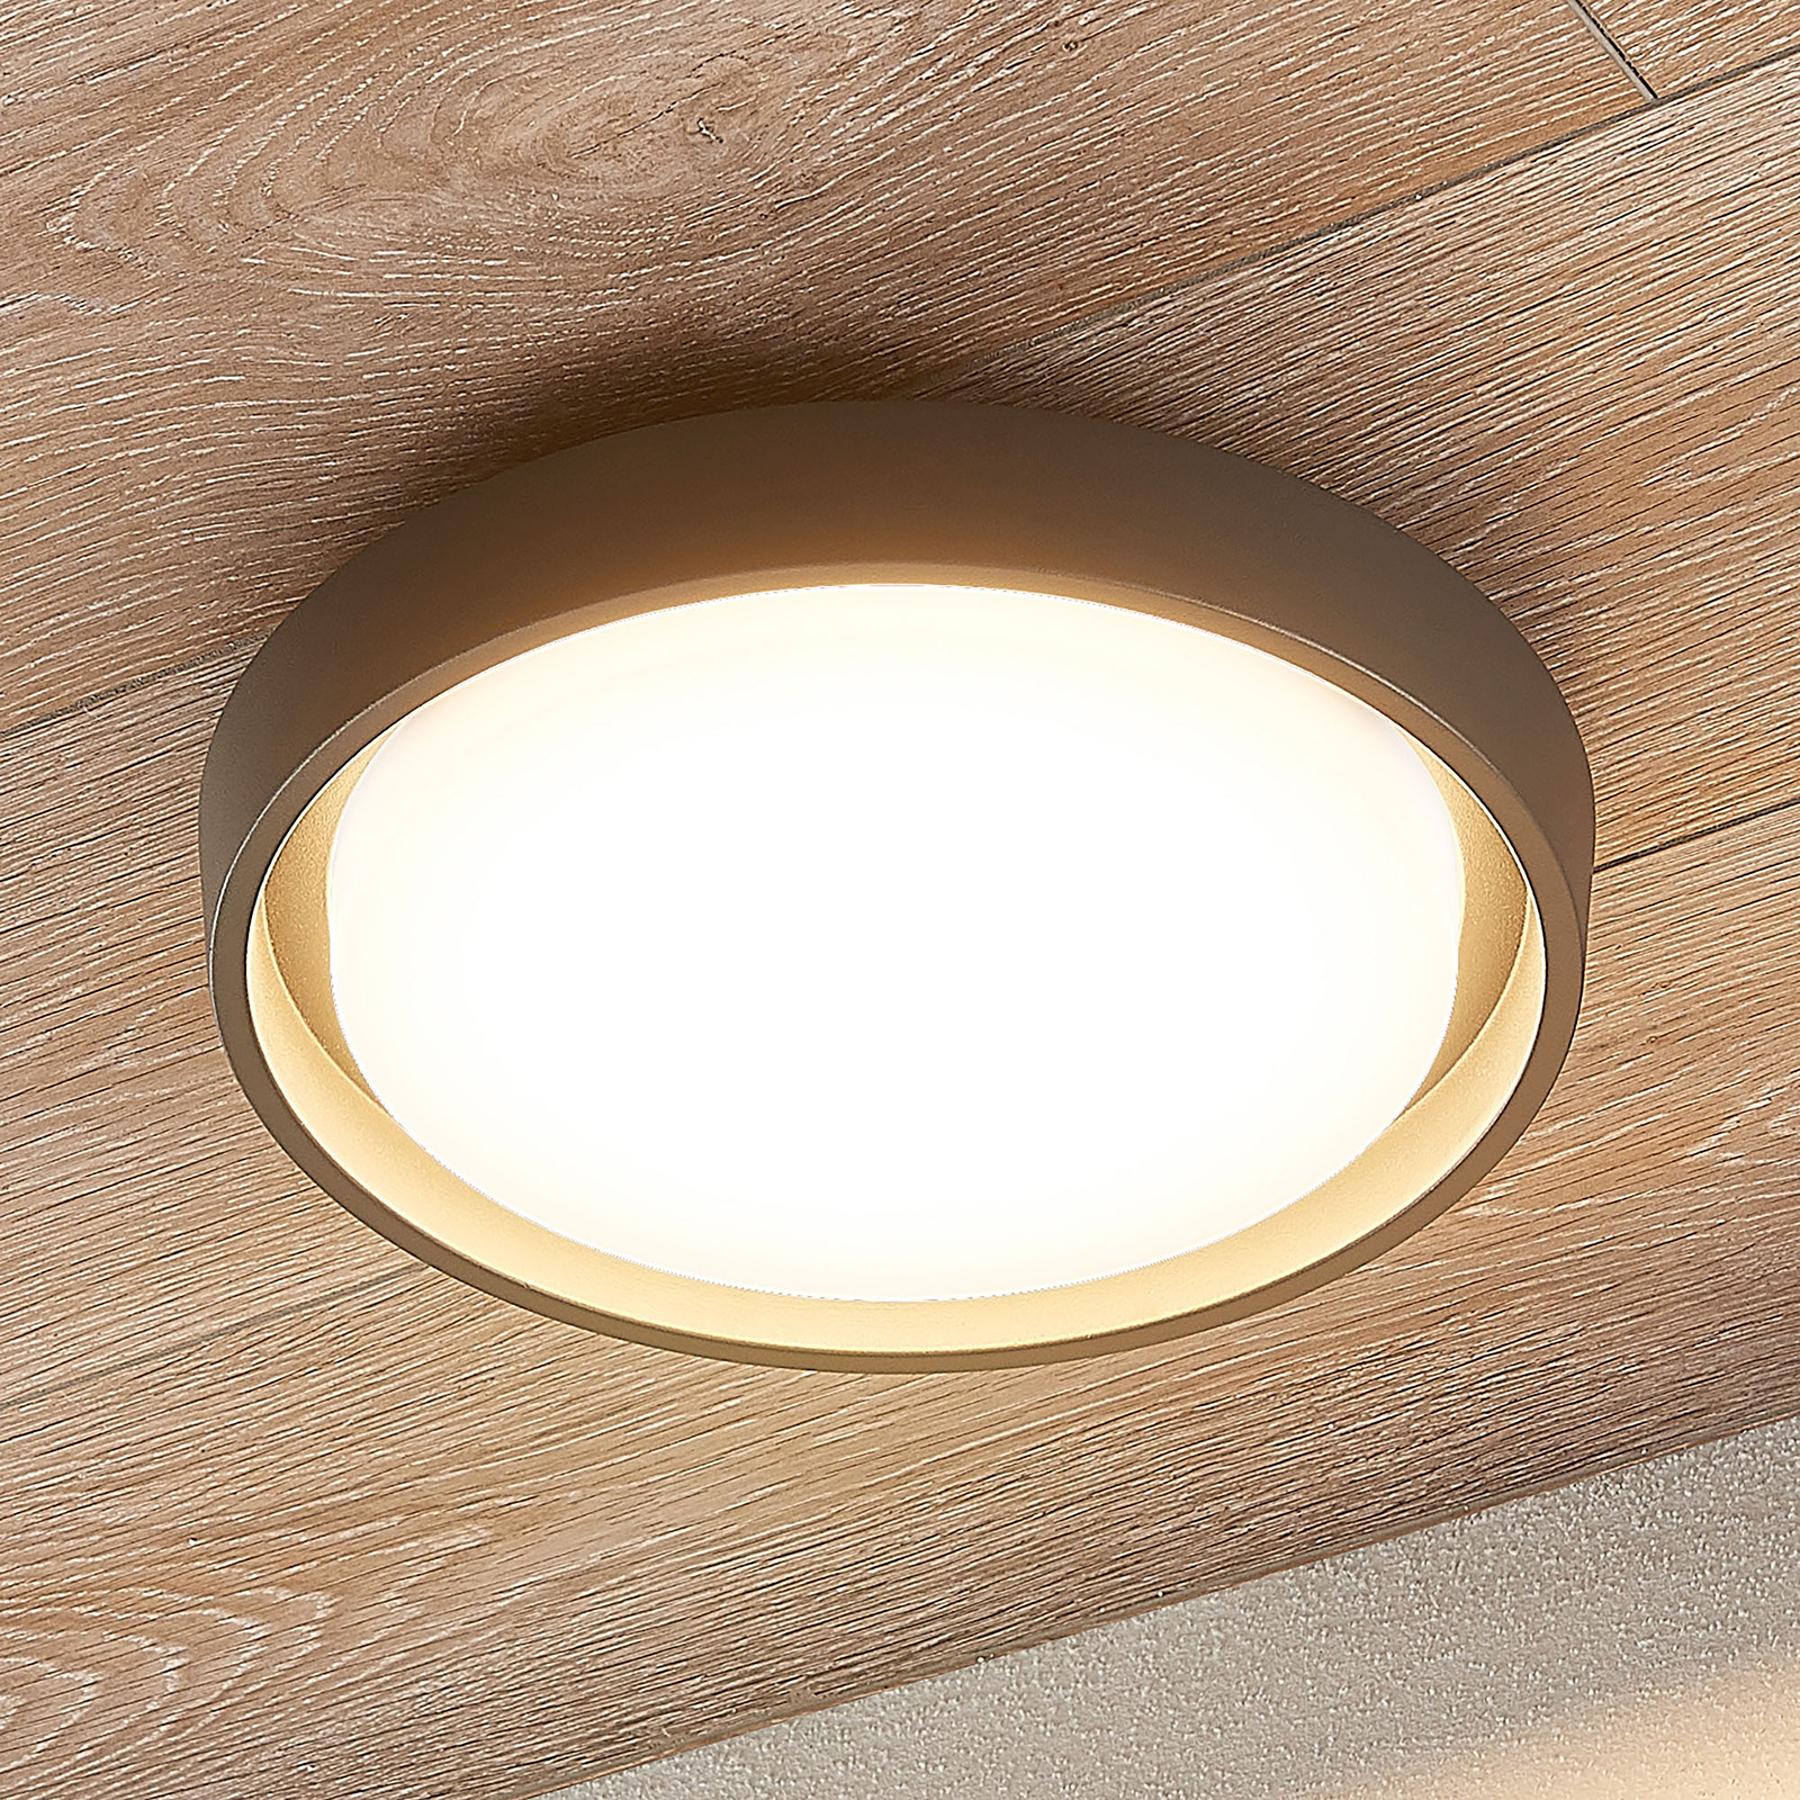 LED-ulkokattovalaisin Birta, pyöreä, 27 cm